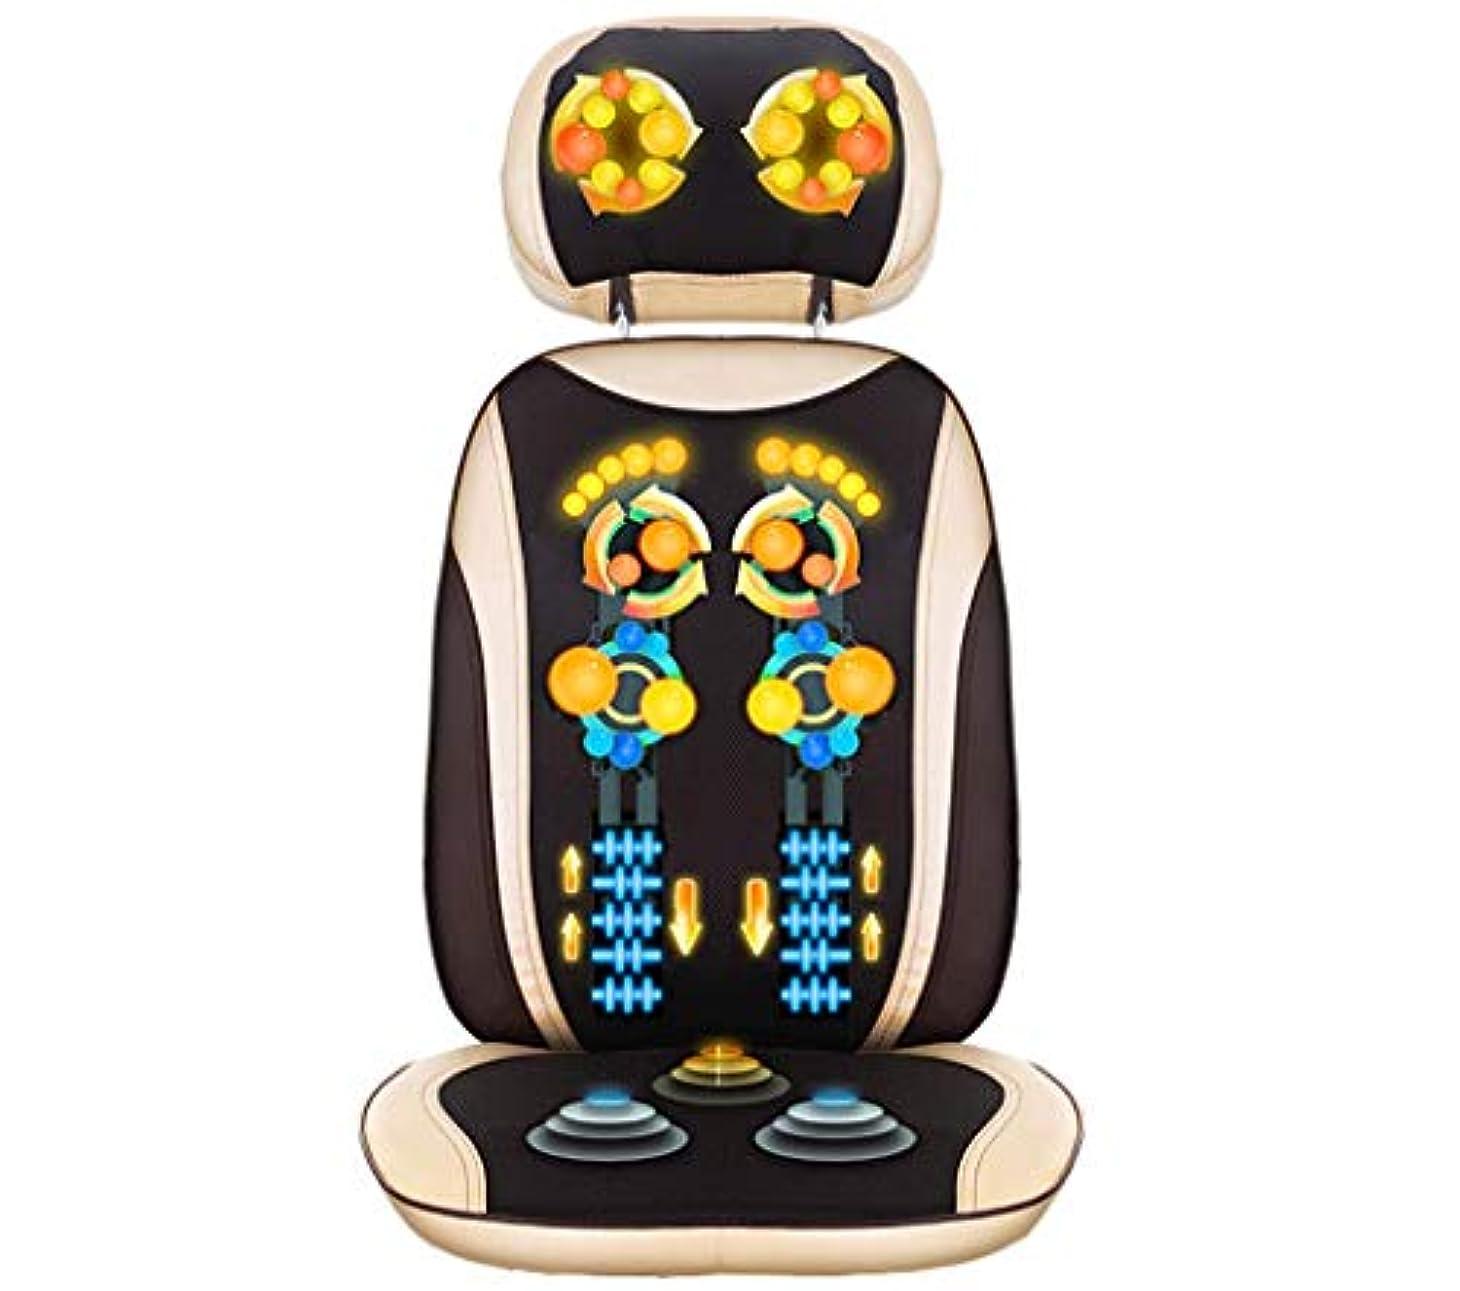 音楽被る消毒するマッサージチェアシートクッション、可変速度スイッチ、過熱保護、ホームシートクッションマッサージマット(40 * 41 * 73.5cm、ゴールド)